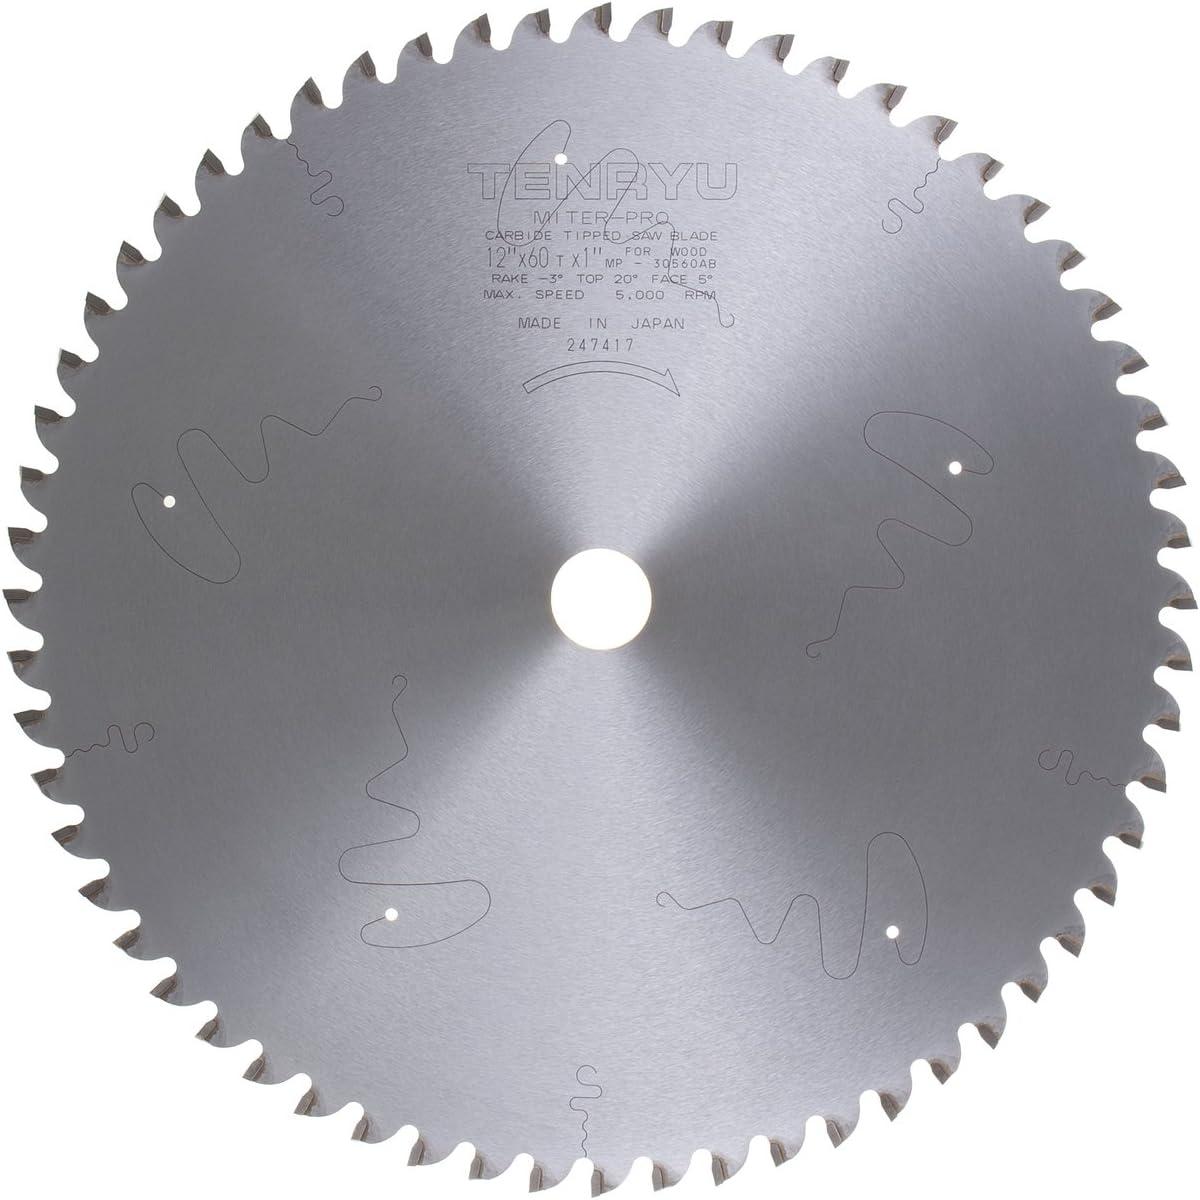 Tenryu half MP-30560AB 12